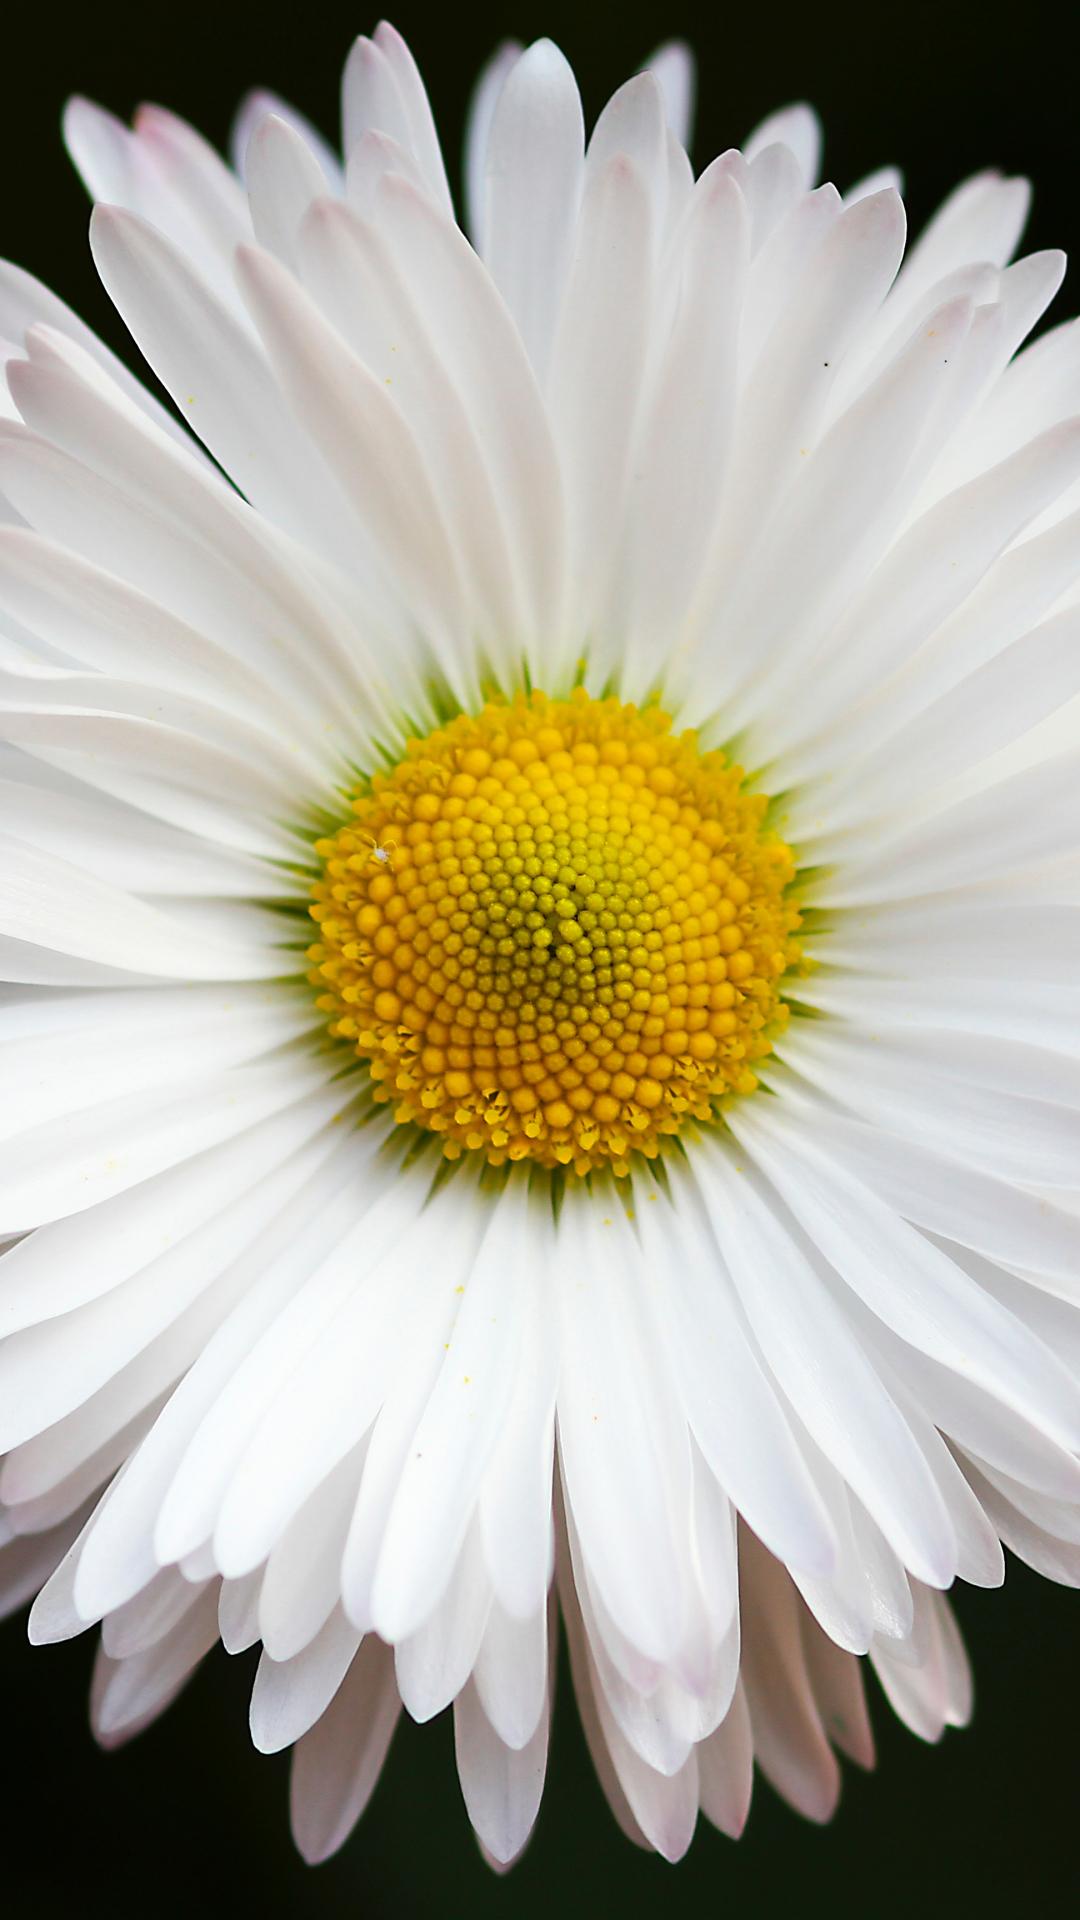 Brilliant White Daisy iPhone Wallpaper